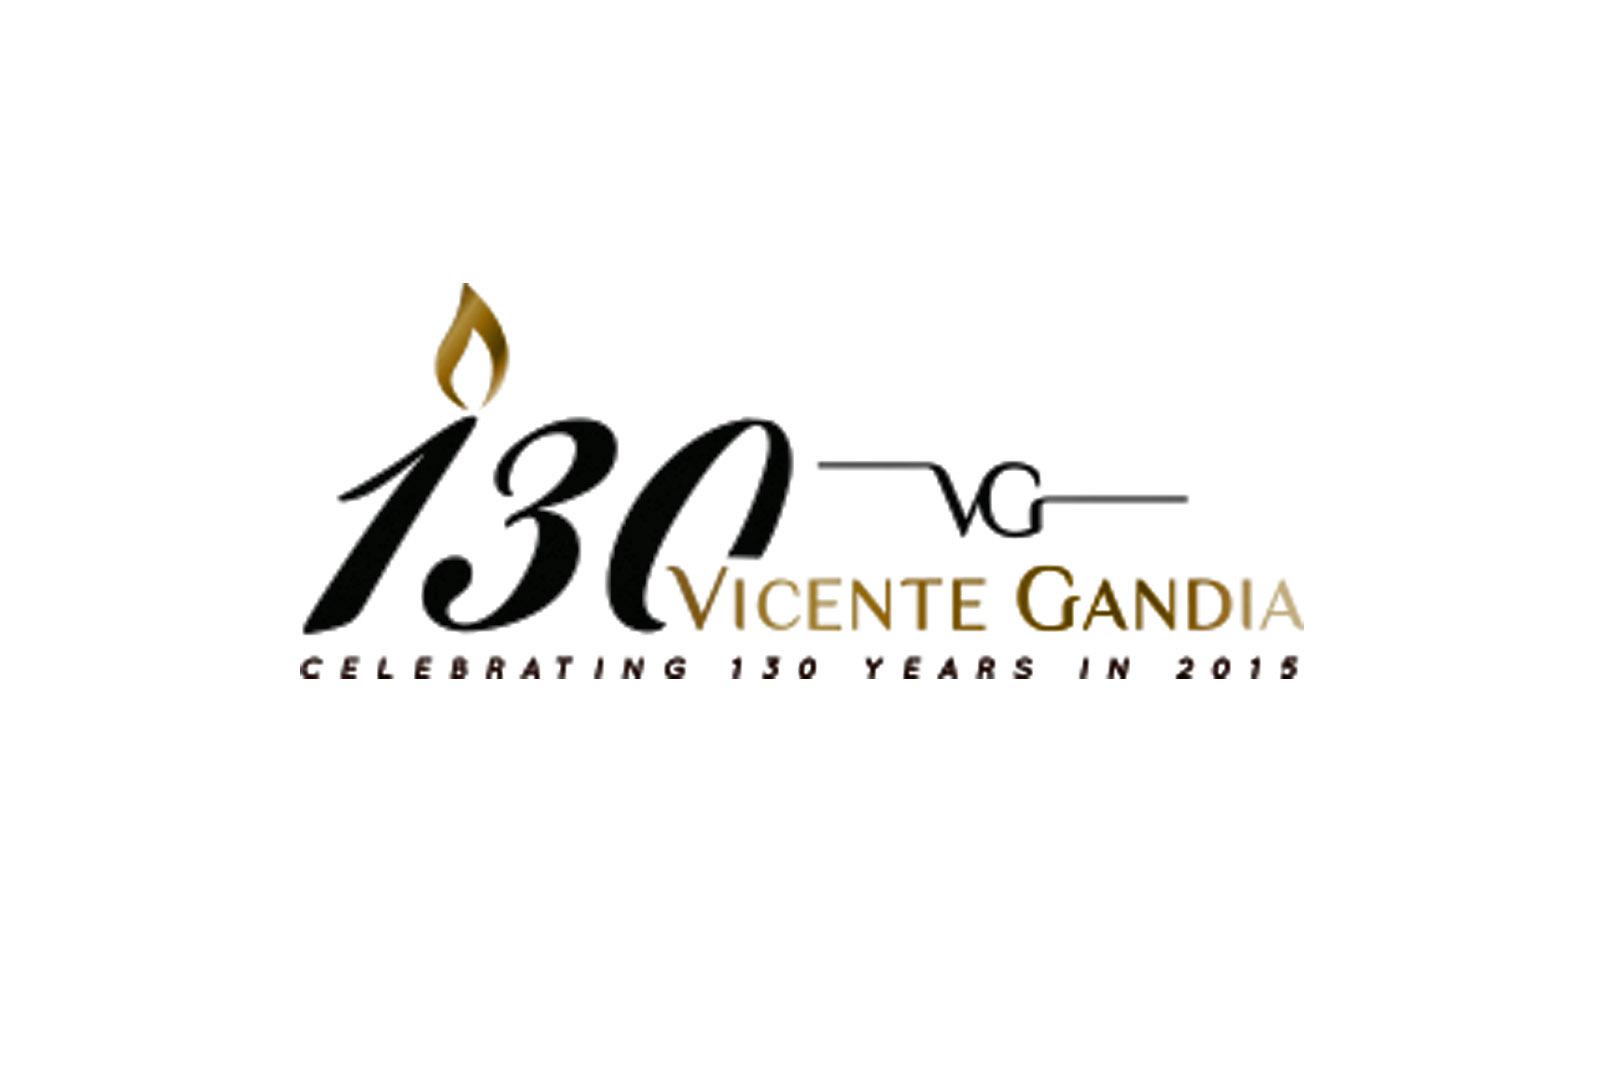 Vicente Gandía, mejor bodega del año 2017